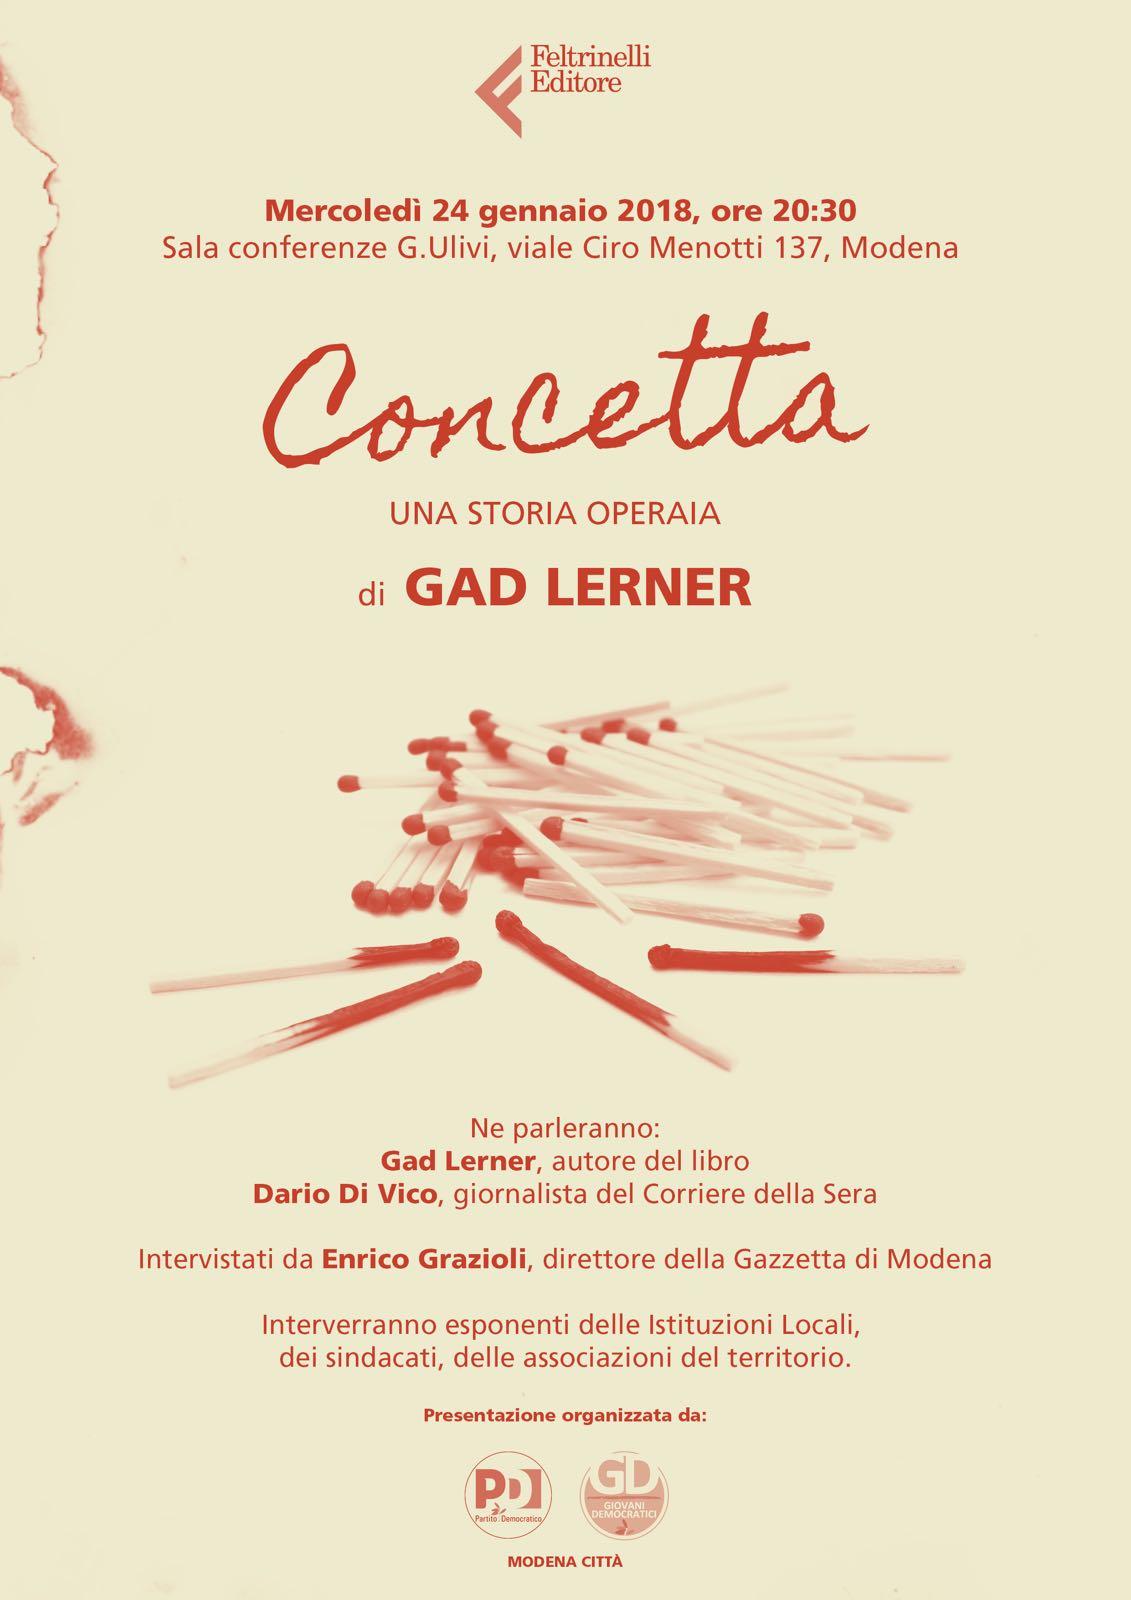 Il 24 gennaio Gad Lerner a Modena